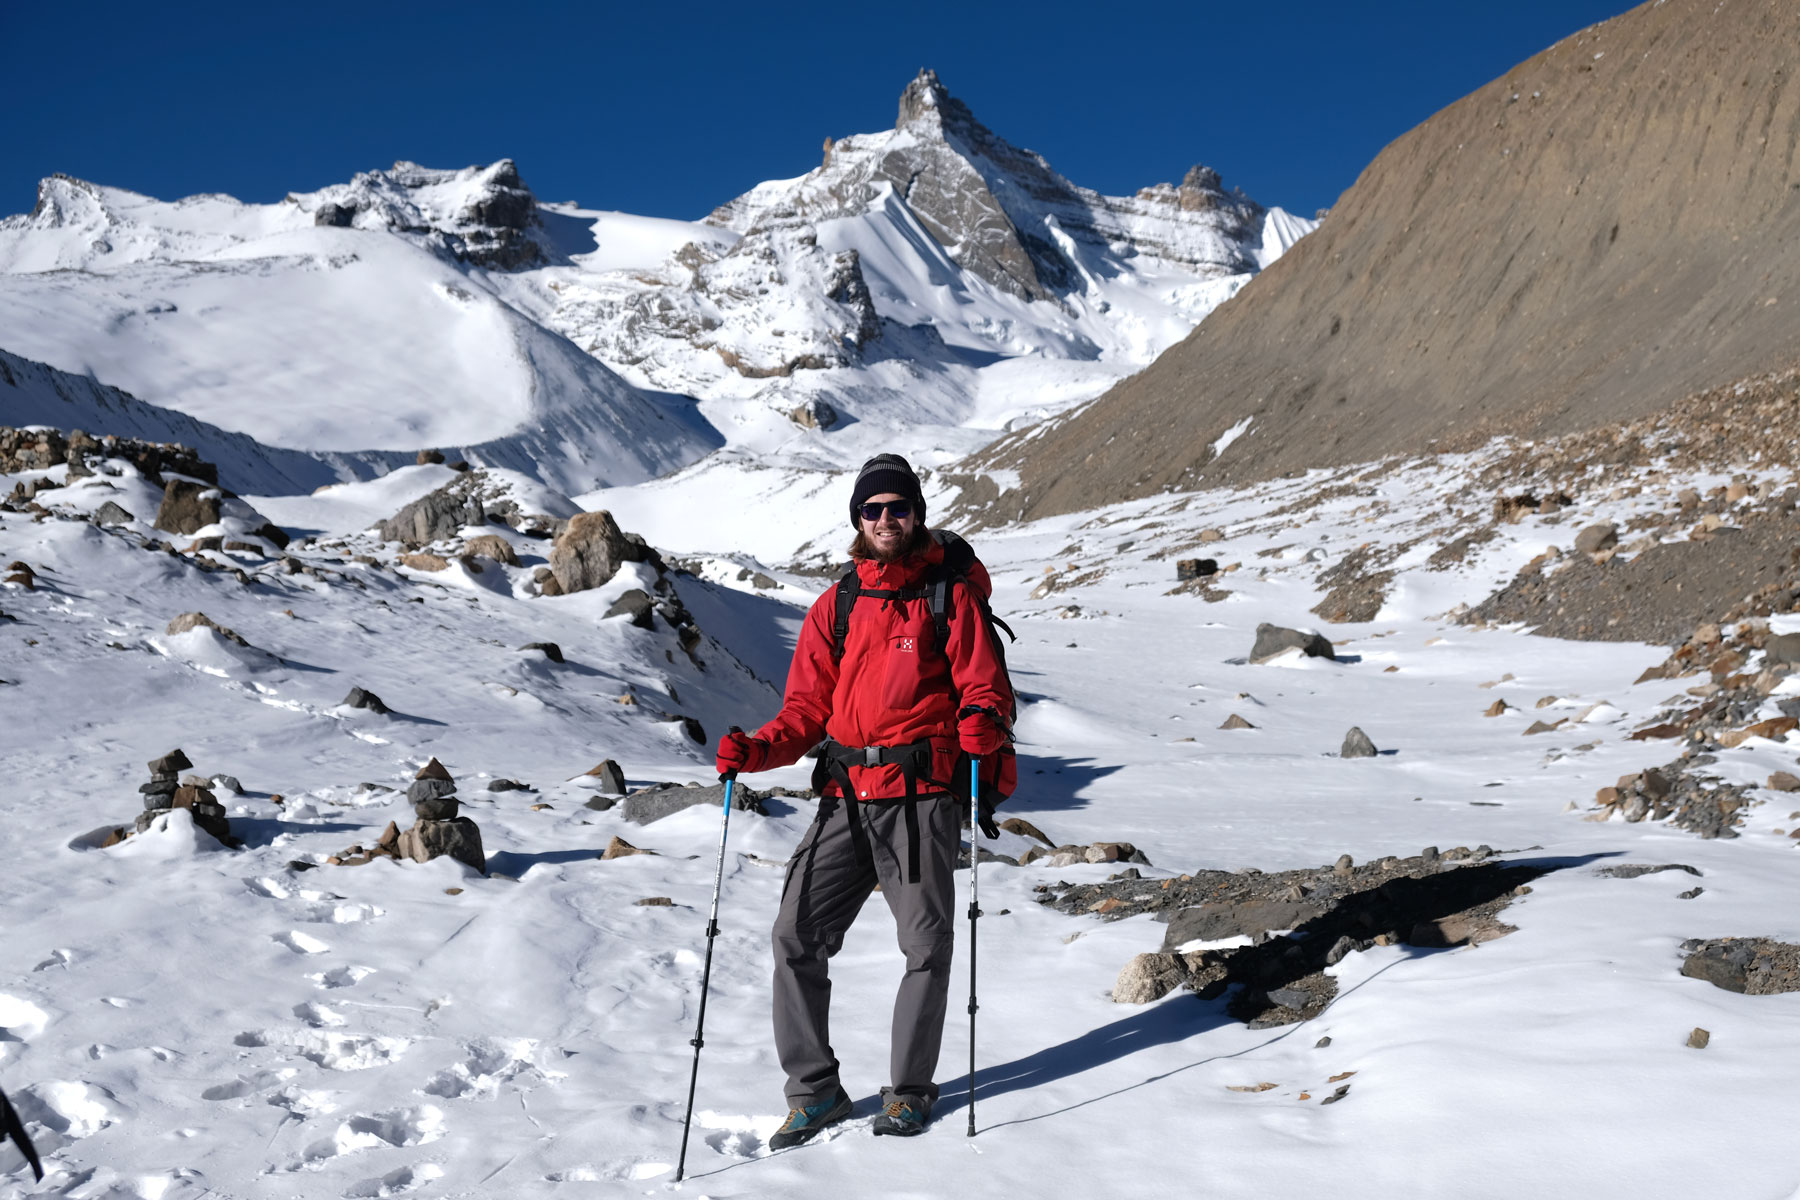 Sebastian mit Wanderstöcken auf schneebedeckten Bergen des Annapurna Circuit.